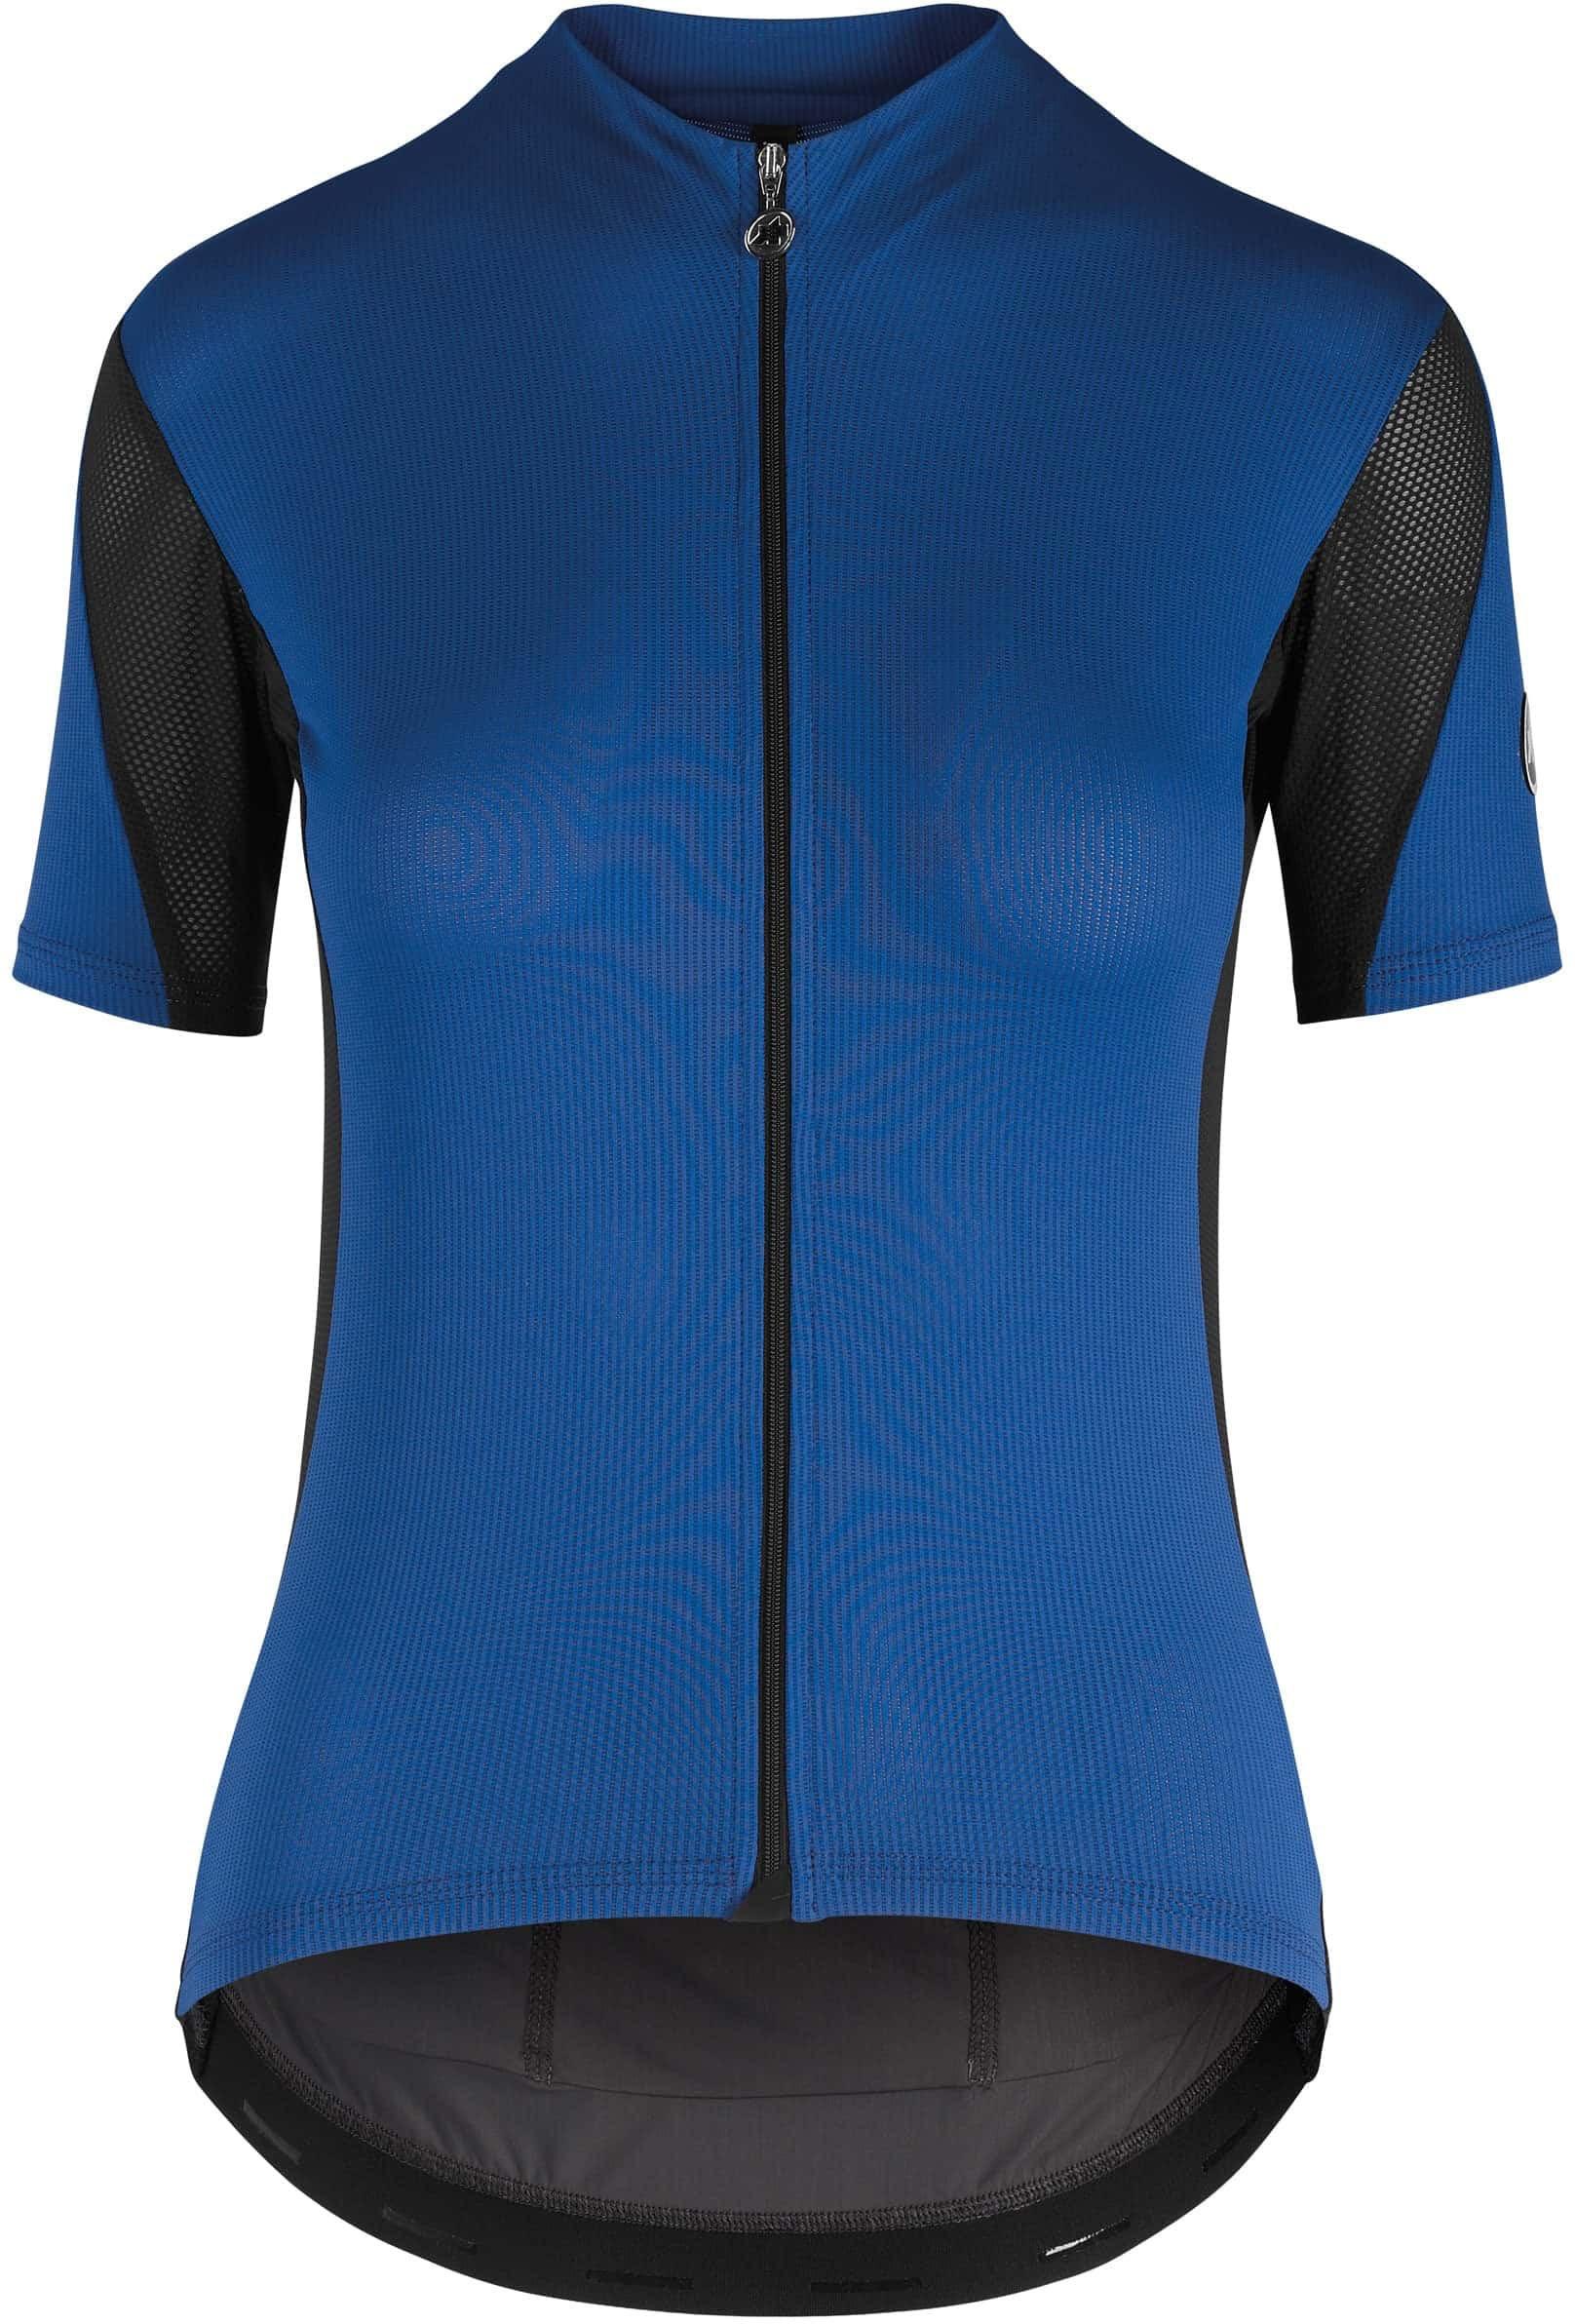 Assos RALLY Women's SS Jersey - Kortærmet Cykeltrøje - Blå